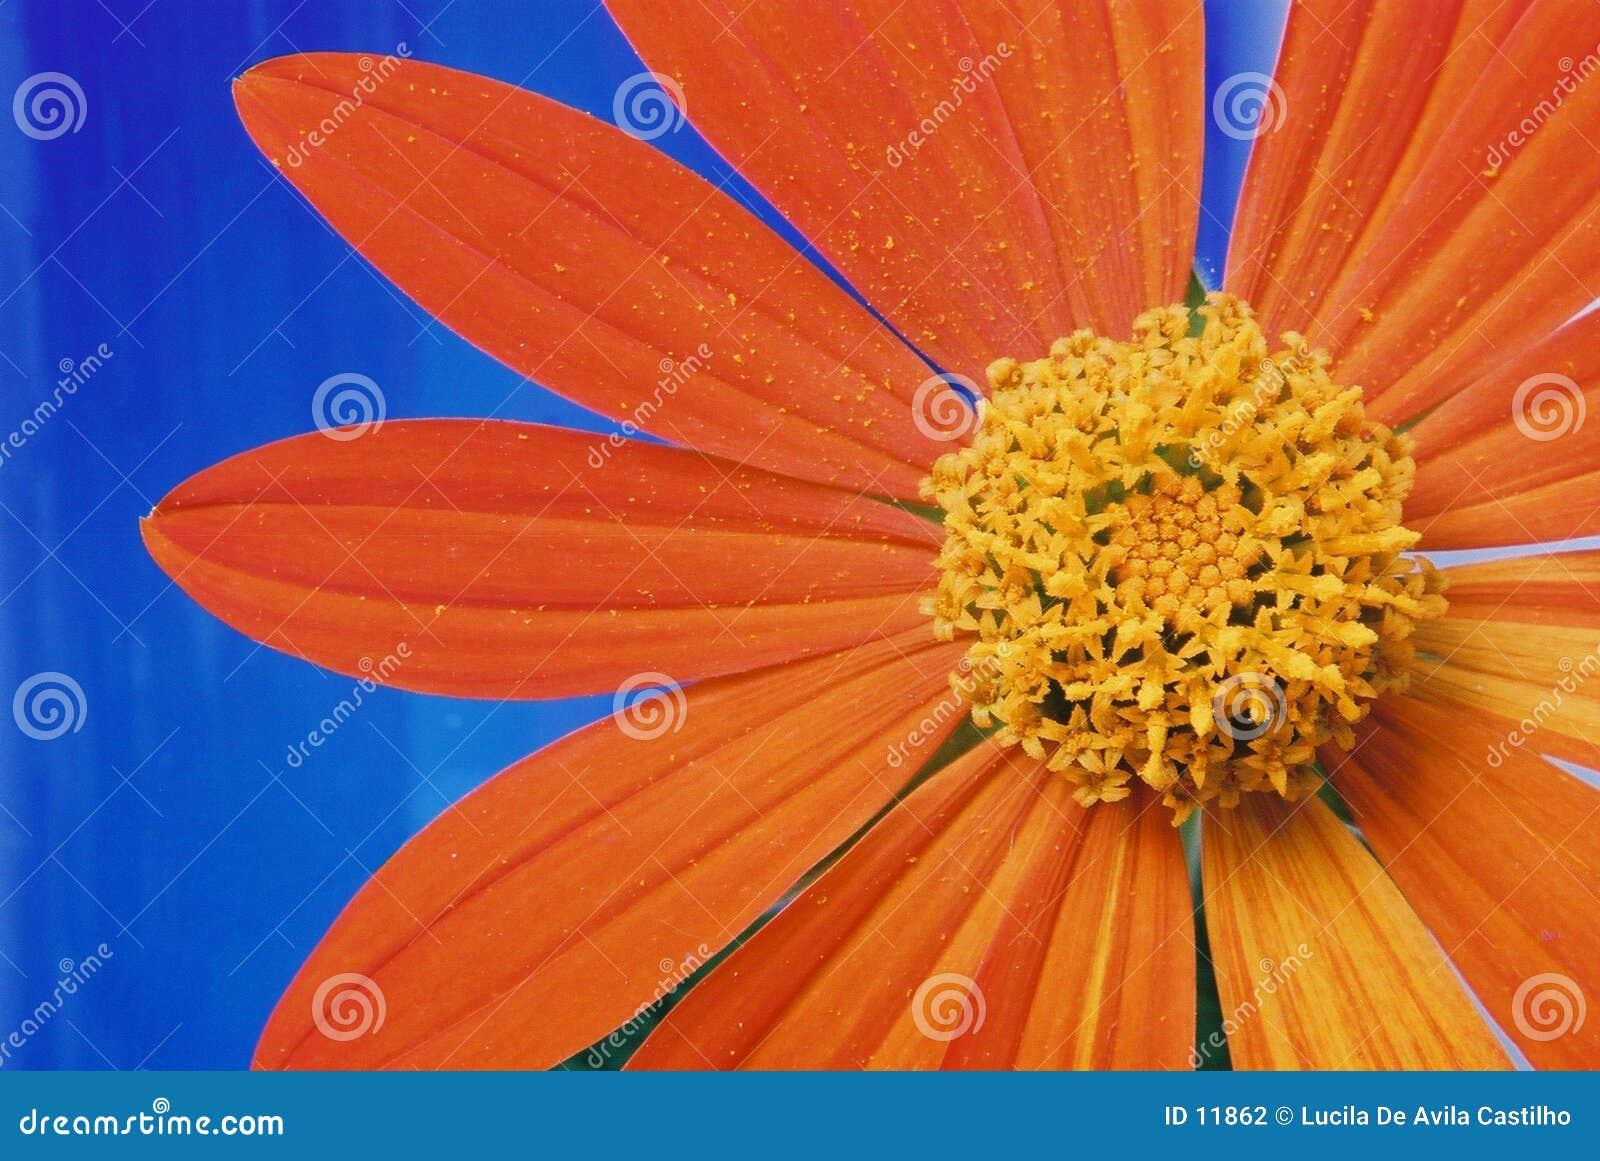 Blume und orange Blumenblätter